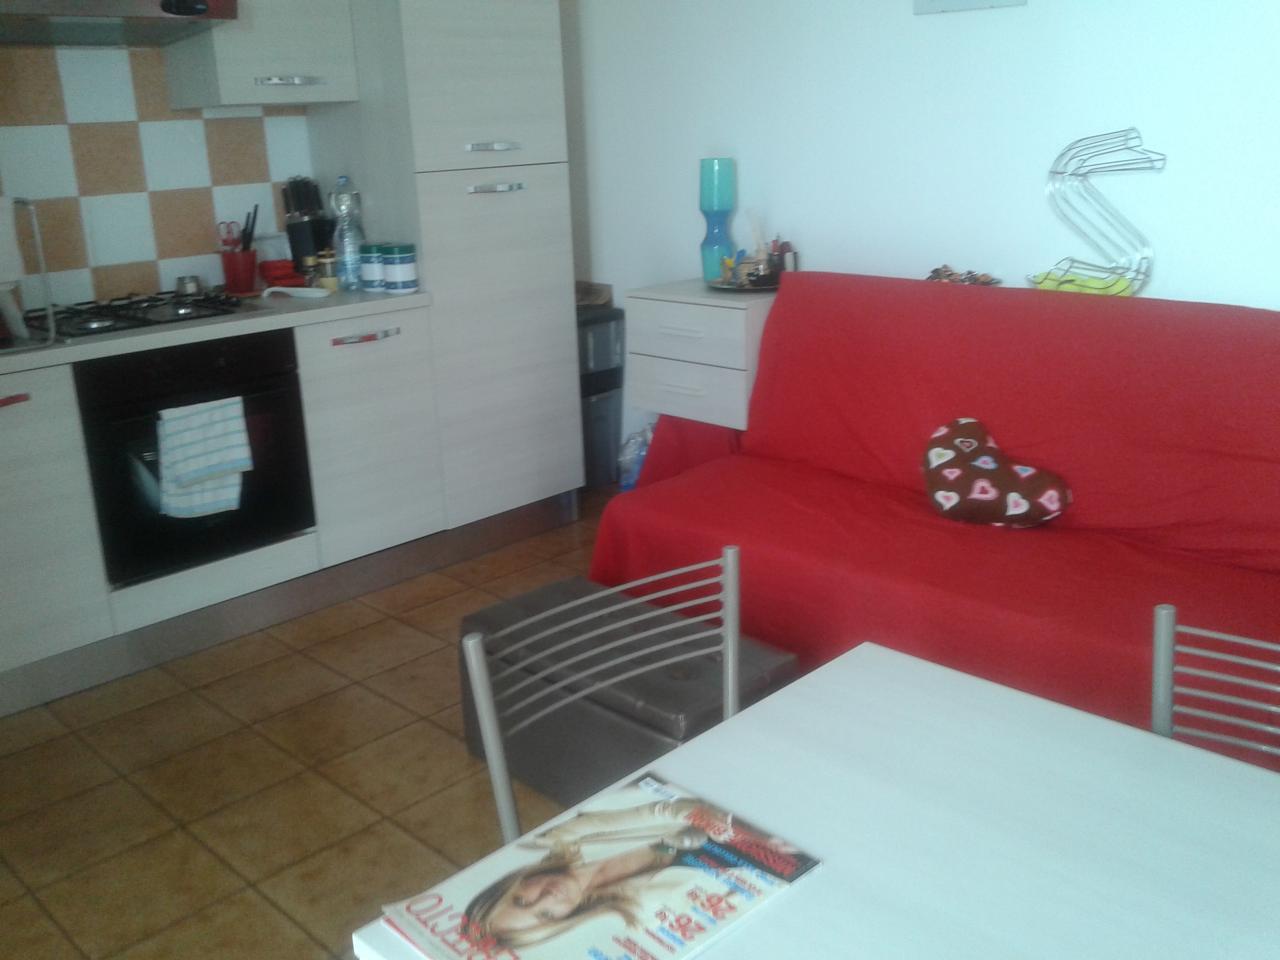 Appartamento in affitto a Novara, 2 locali, zona Località: Bicocca, prezzo € 450 | Cambio Casa.it